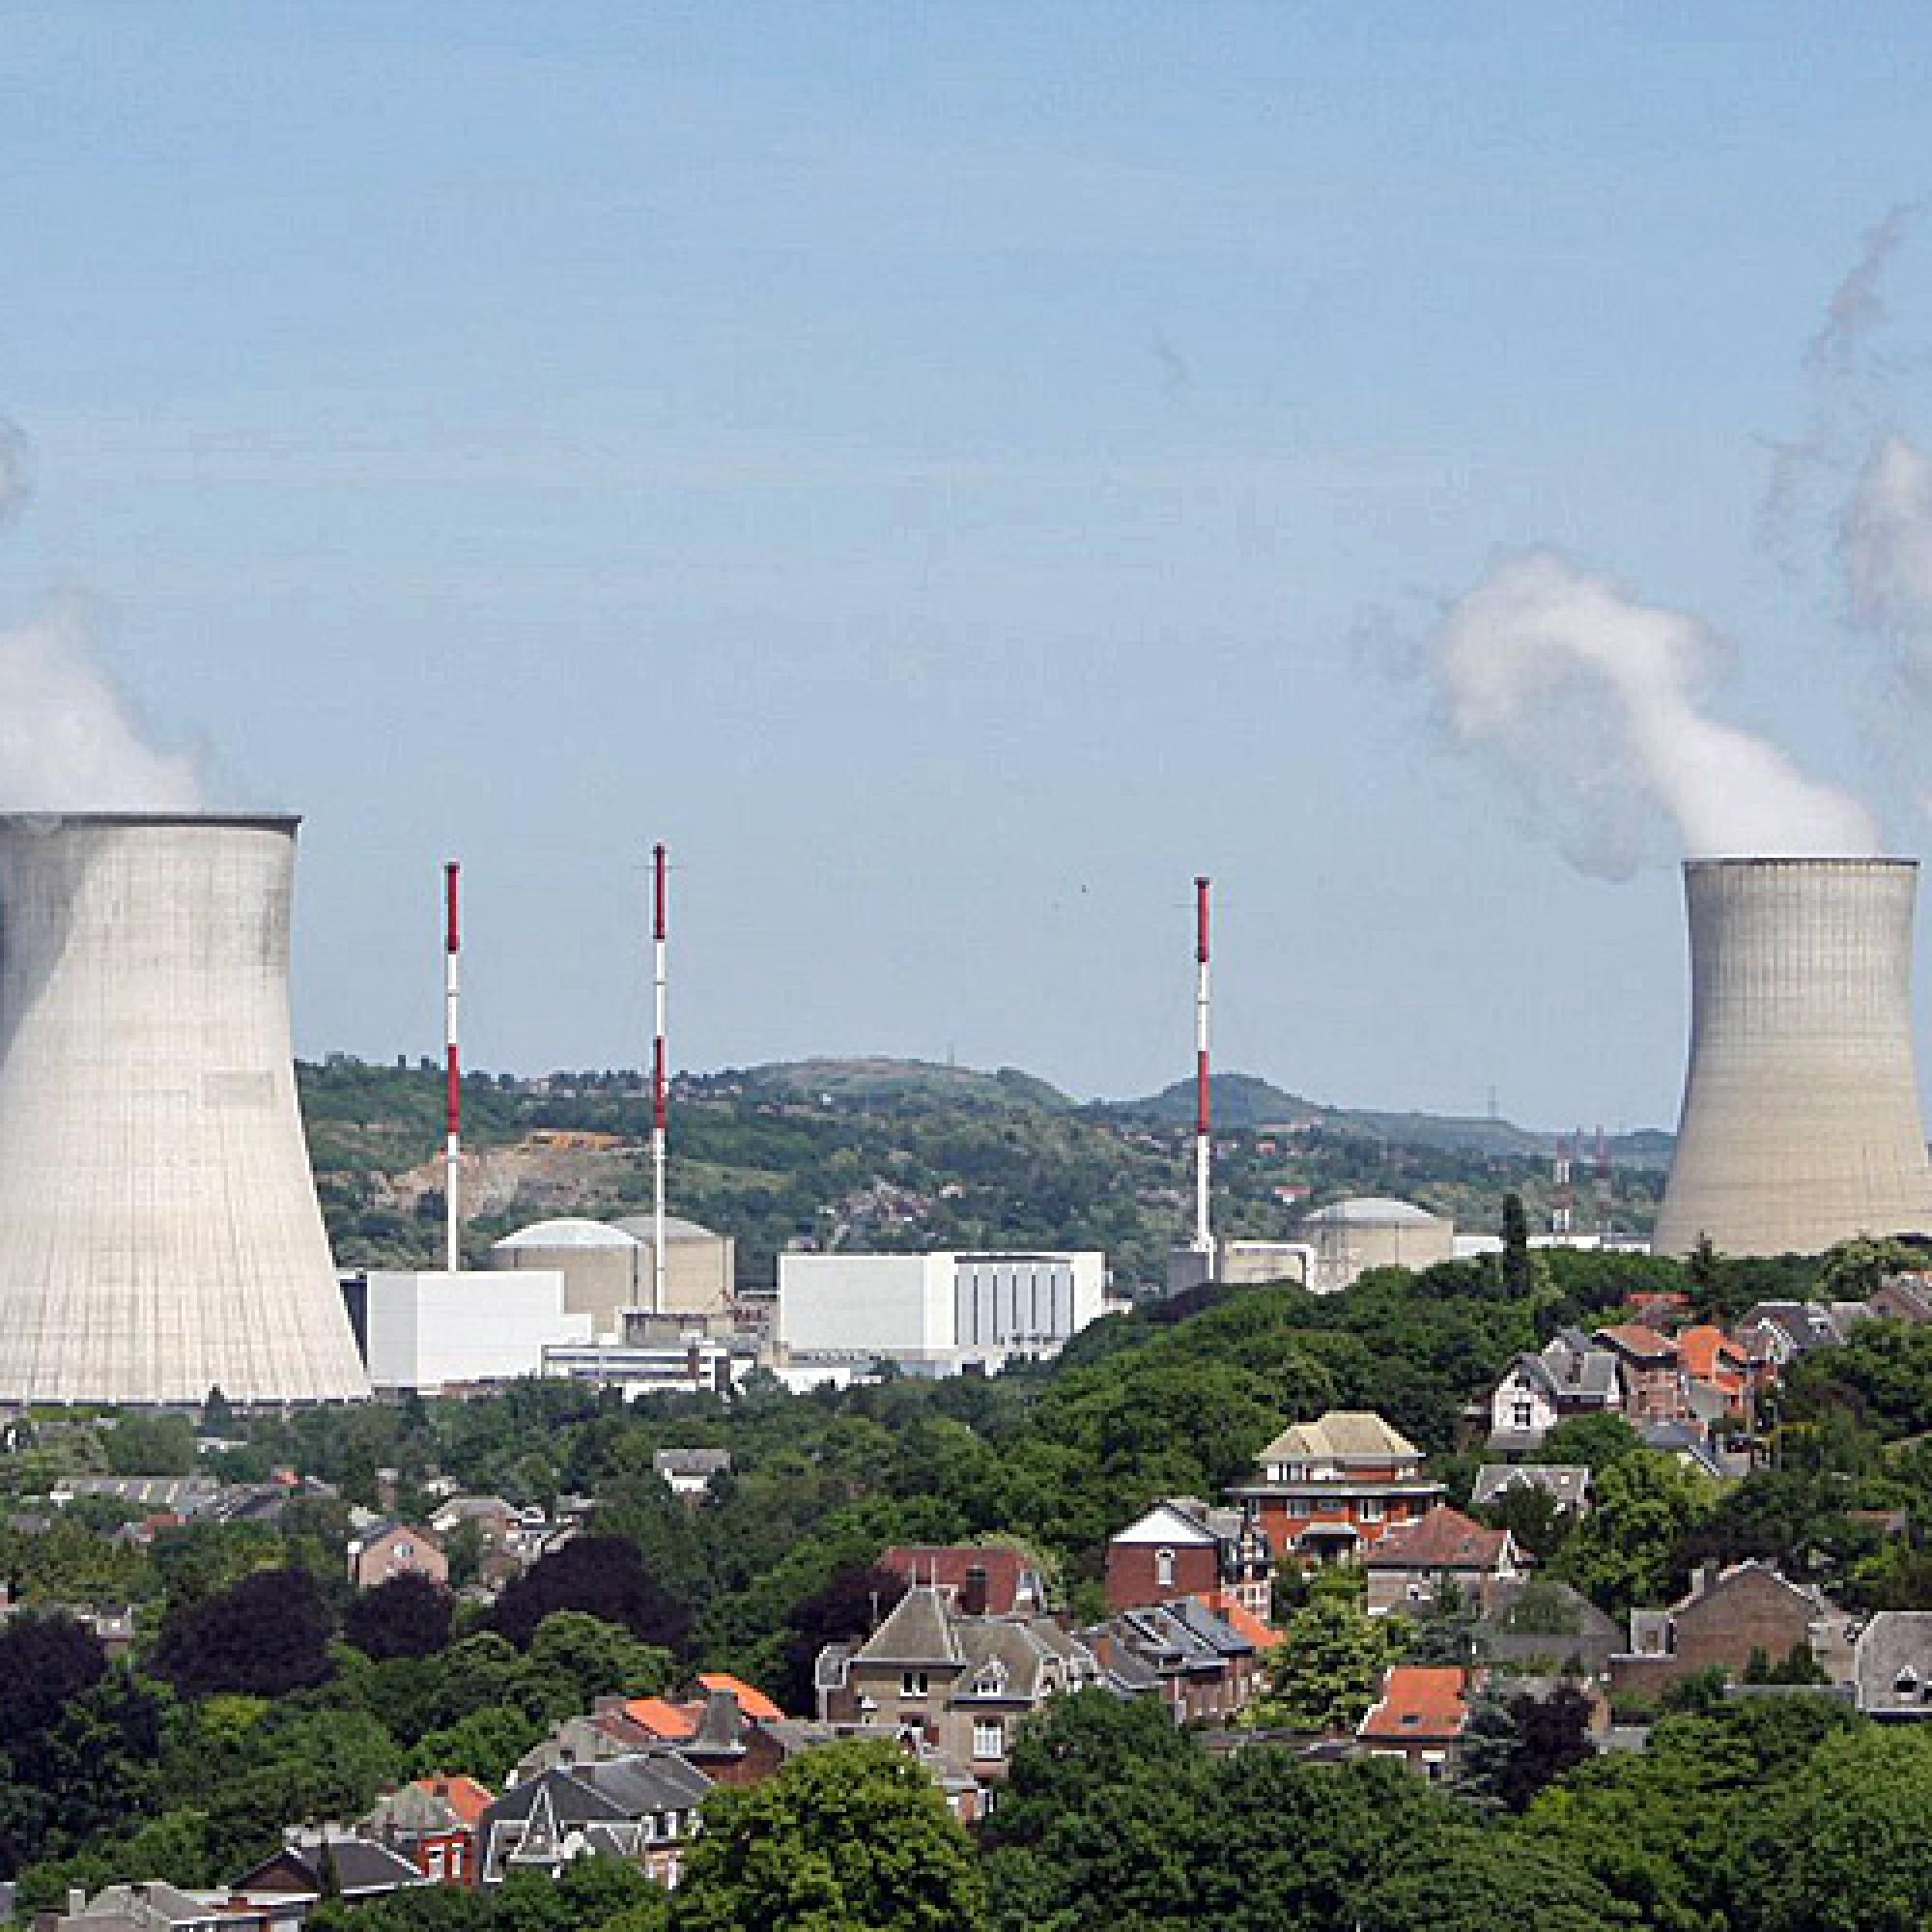 Die Idylle in Tihange trügt: Behördliche Prüfer hatten im Jahr 2012 mittels Ultraschallmessungen einige Tausend Haarrisse am Reaktorbehälter 2 entdeckt. (Bild: zvg)